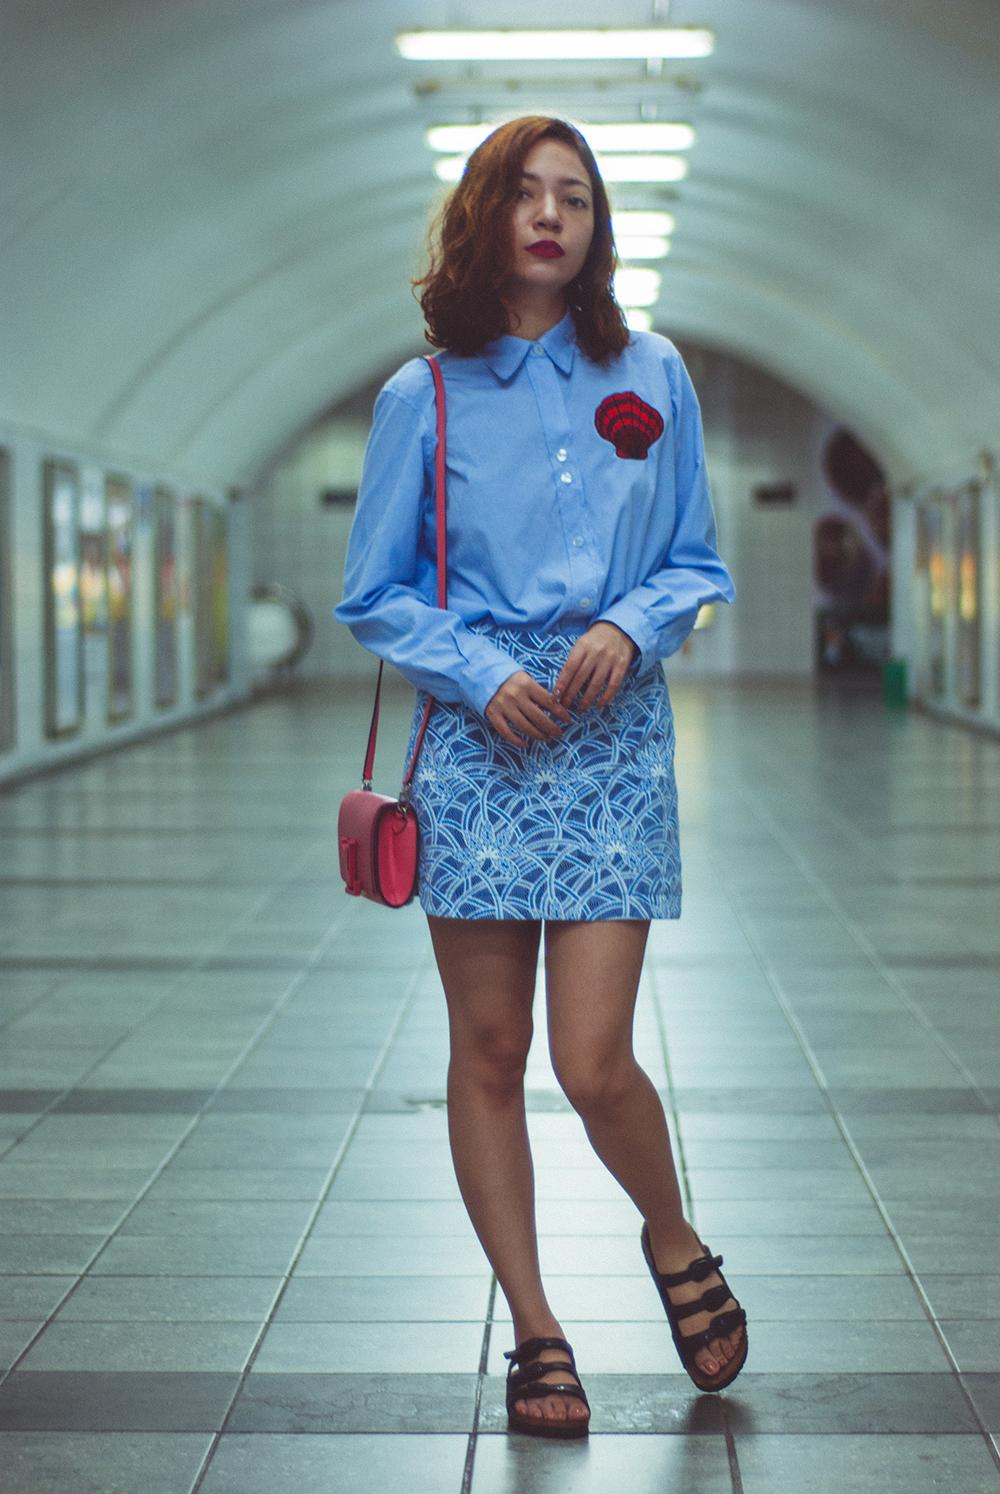 suiteblanco-outfit-alyssa-lapid-1019-1